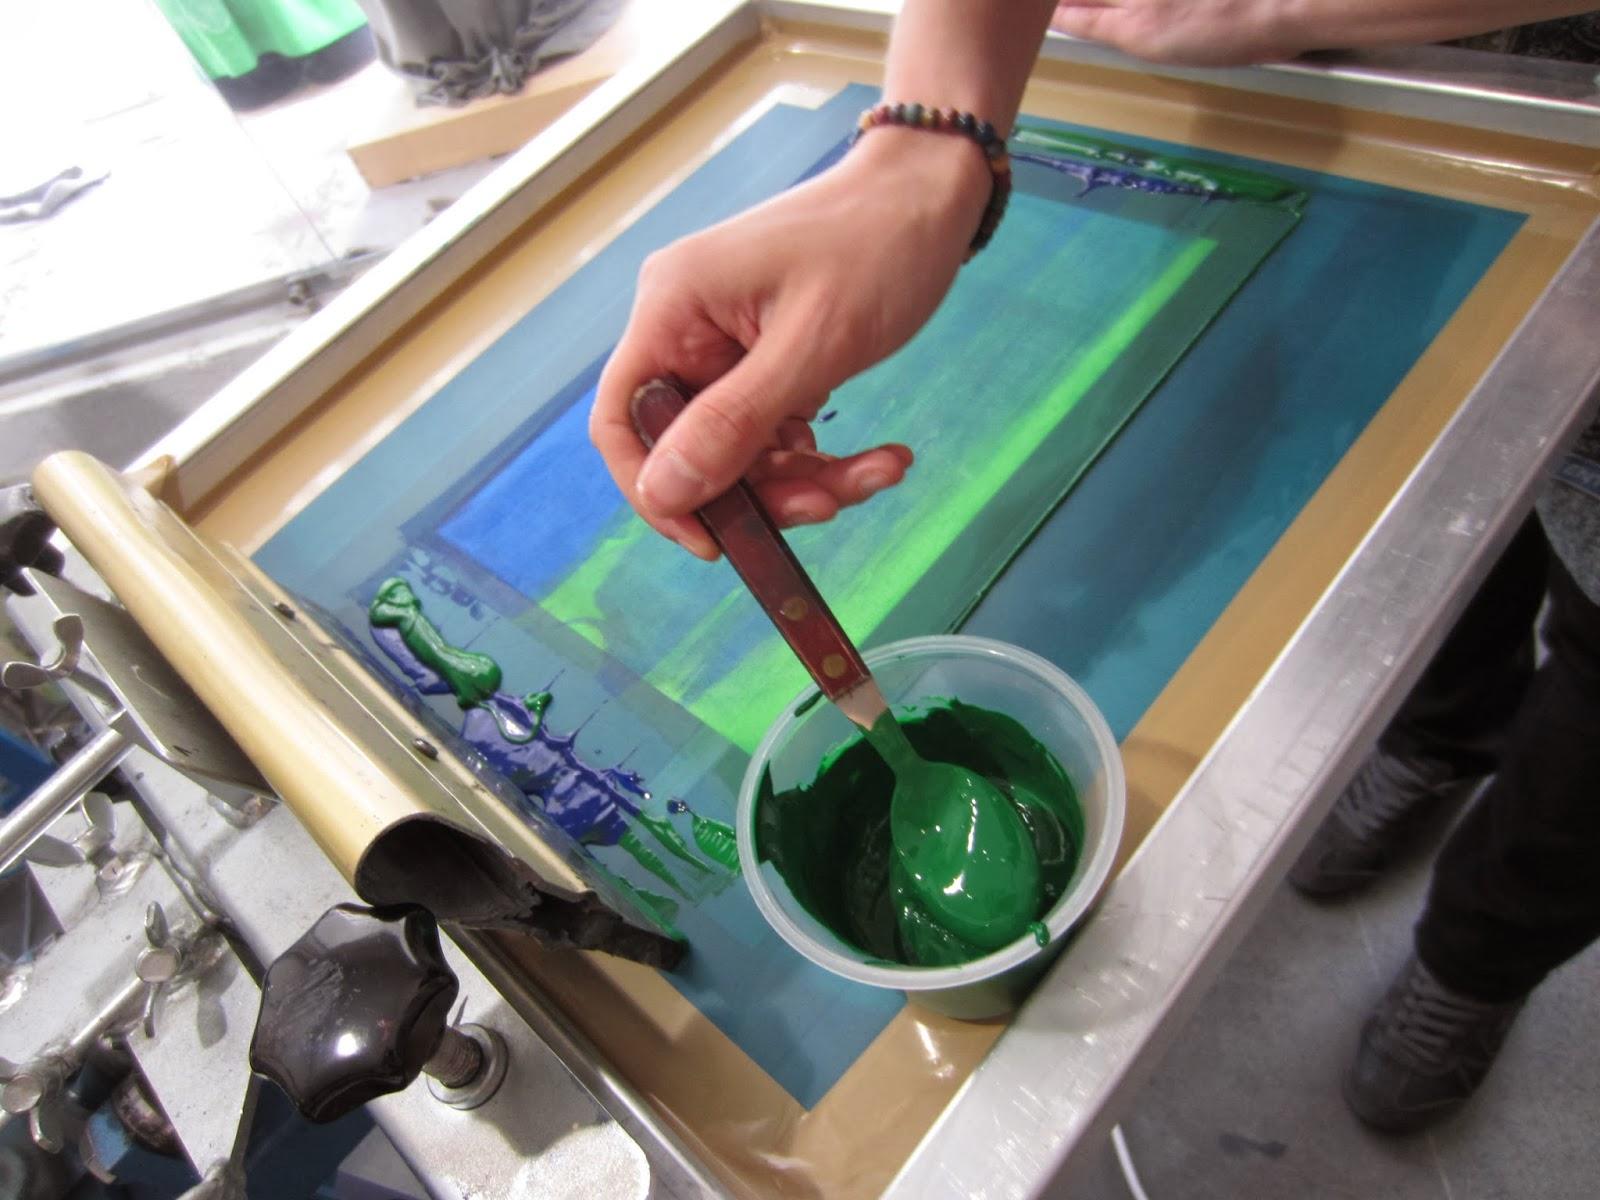 Kurse in unserer Siebdruckwerkstatt